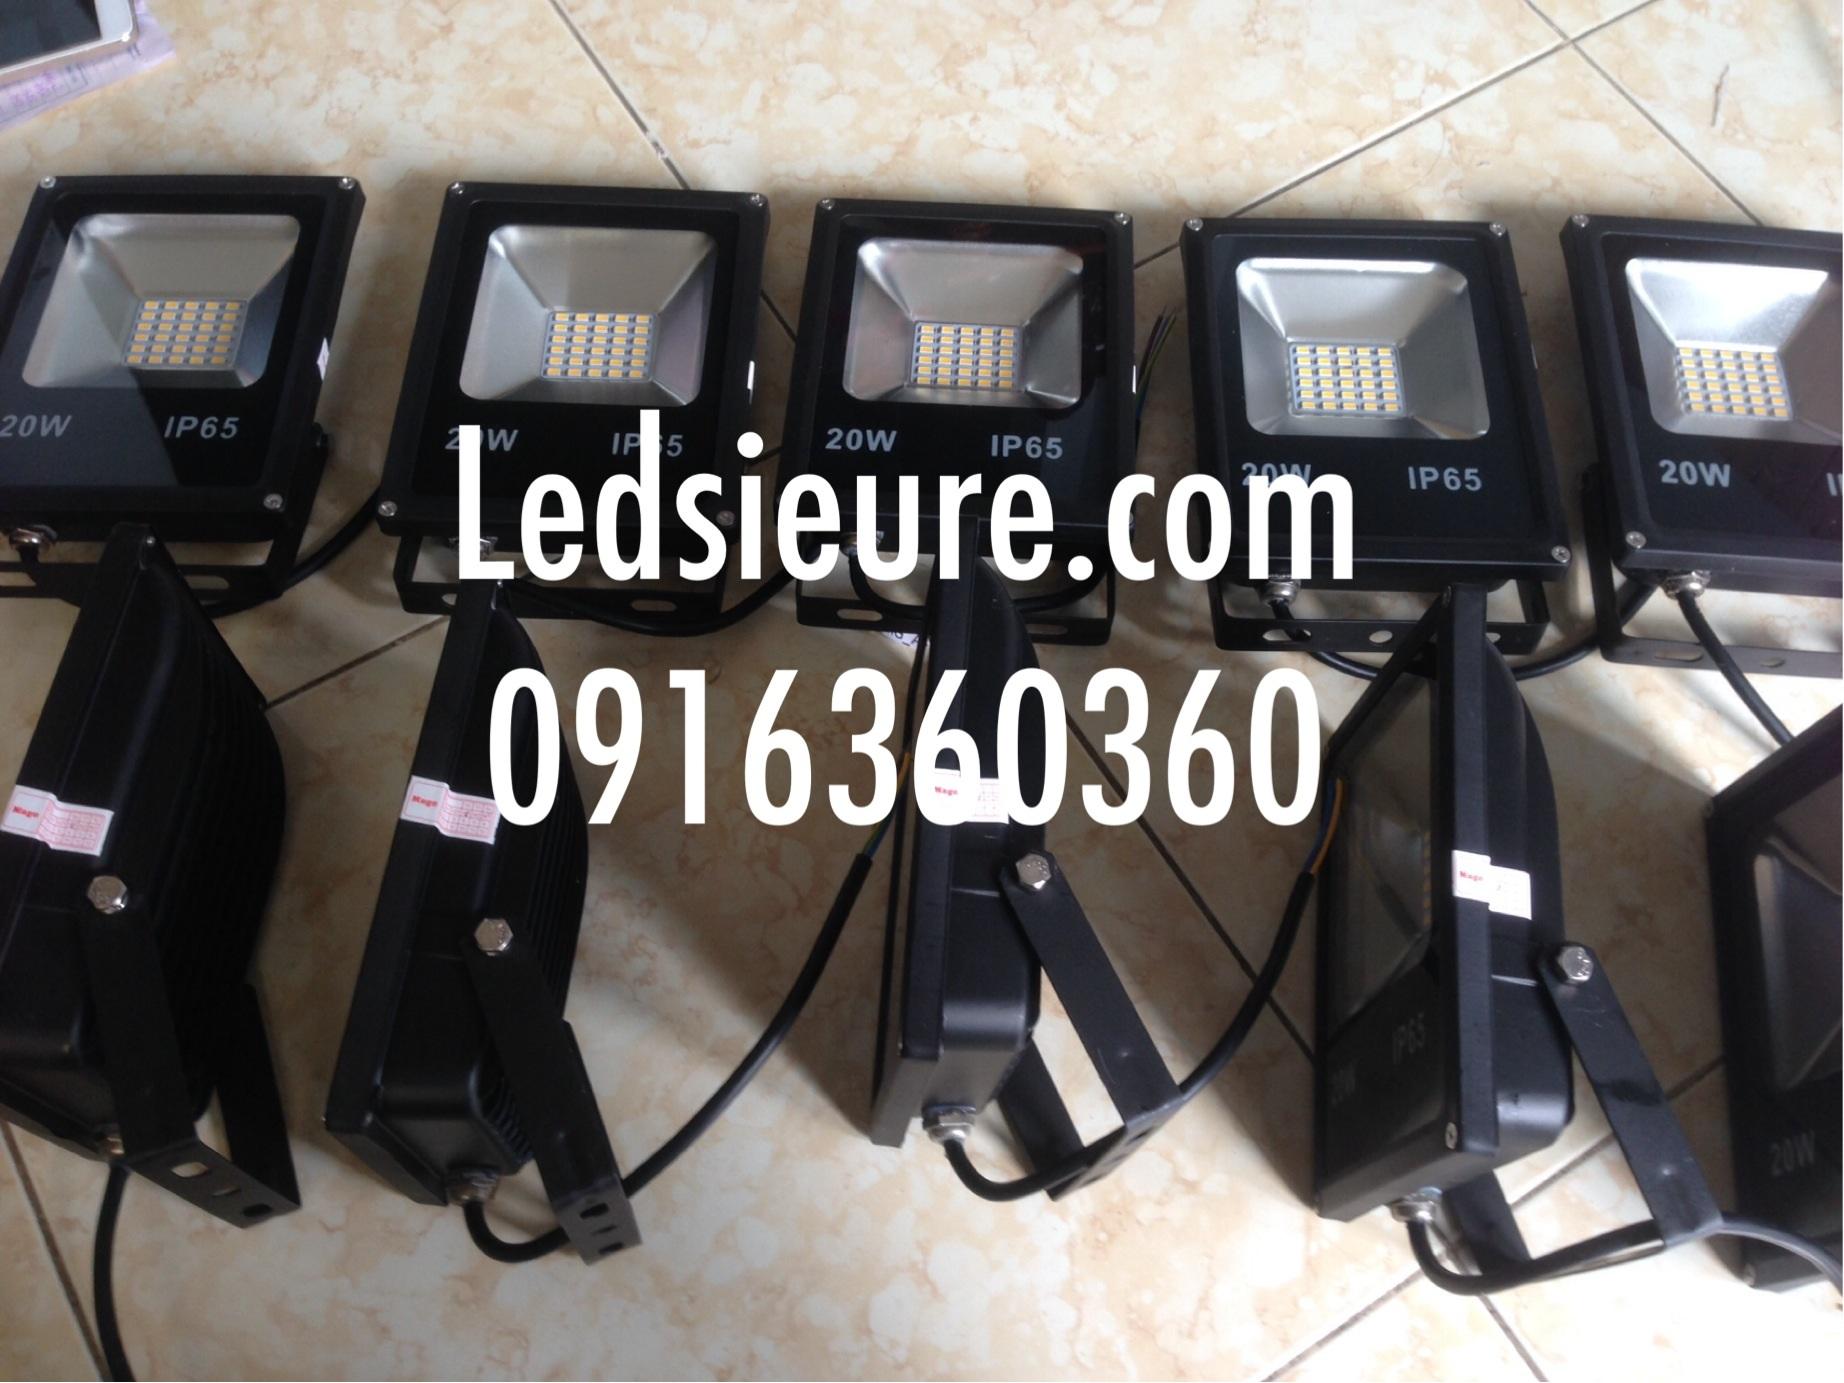 Pha led IP65 30w đủ công suất